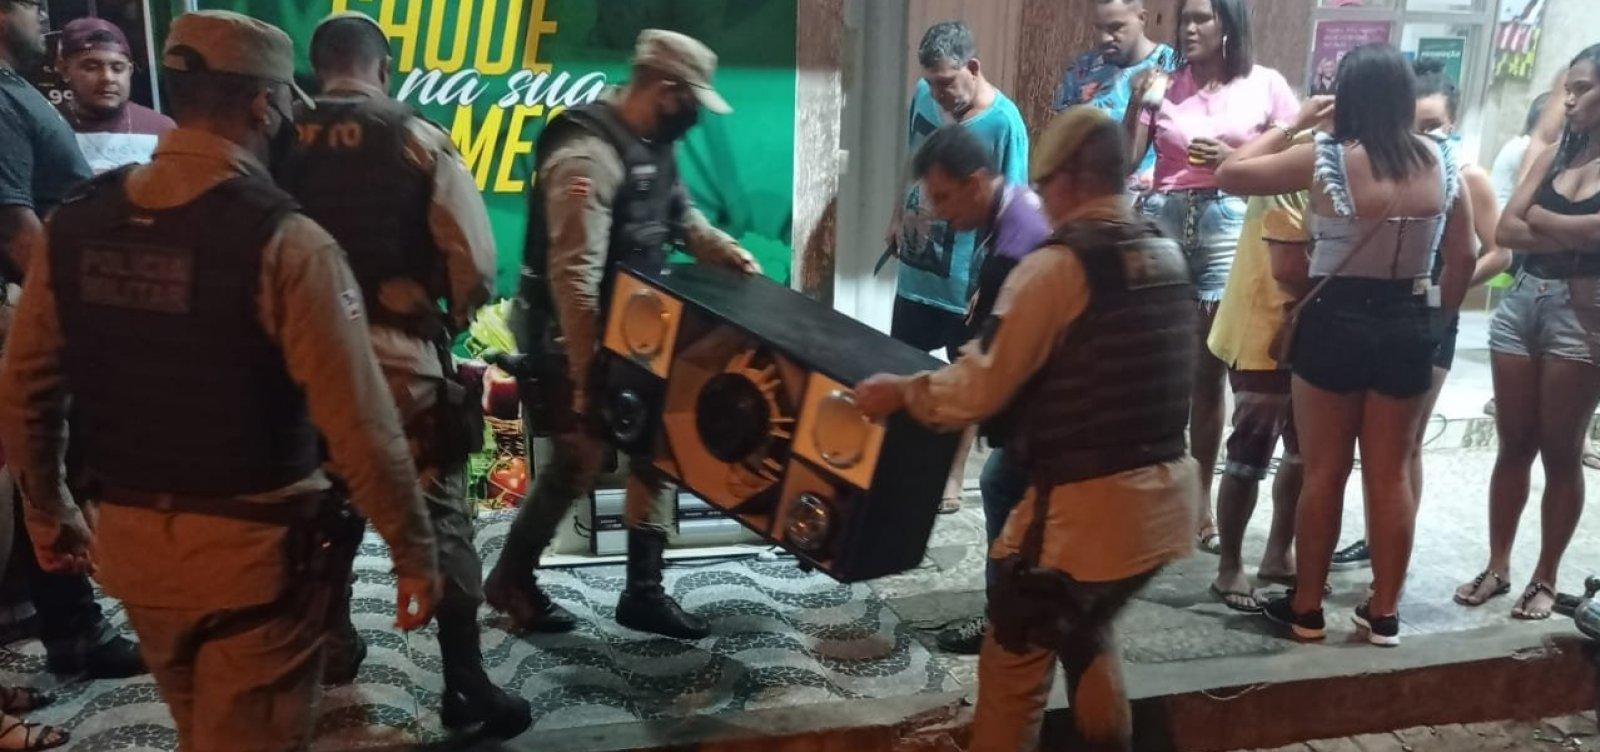 Operação Paredão: PM interrompe festa irregular em município do sudoeste da Bahia e apreende aparelhos de som